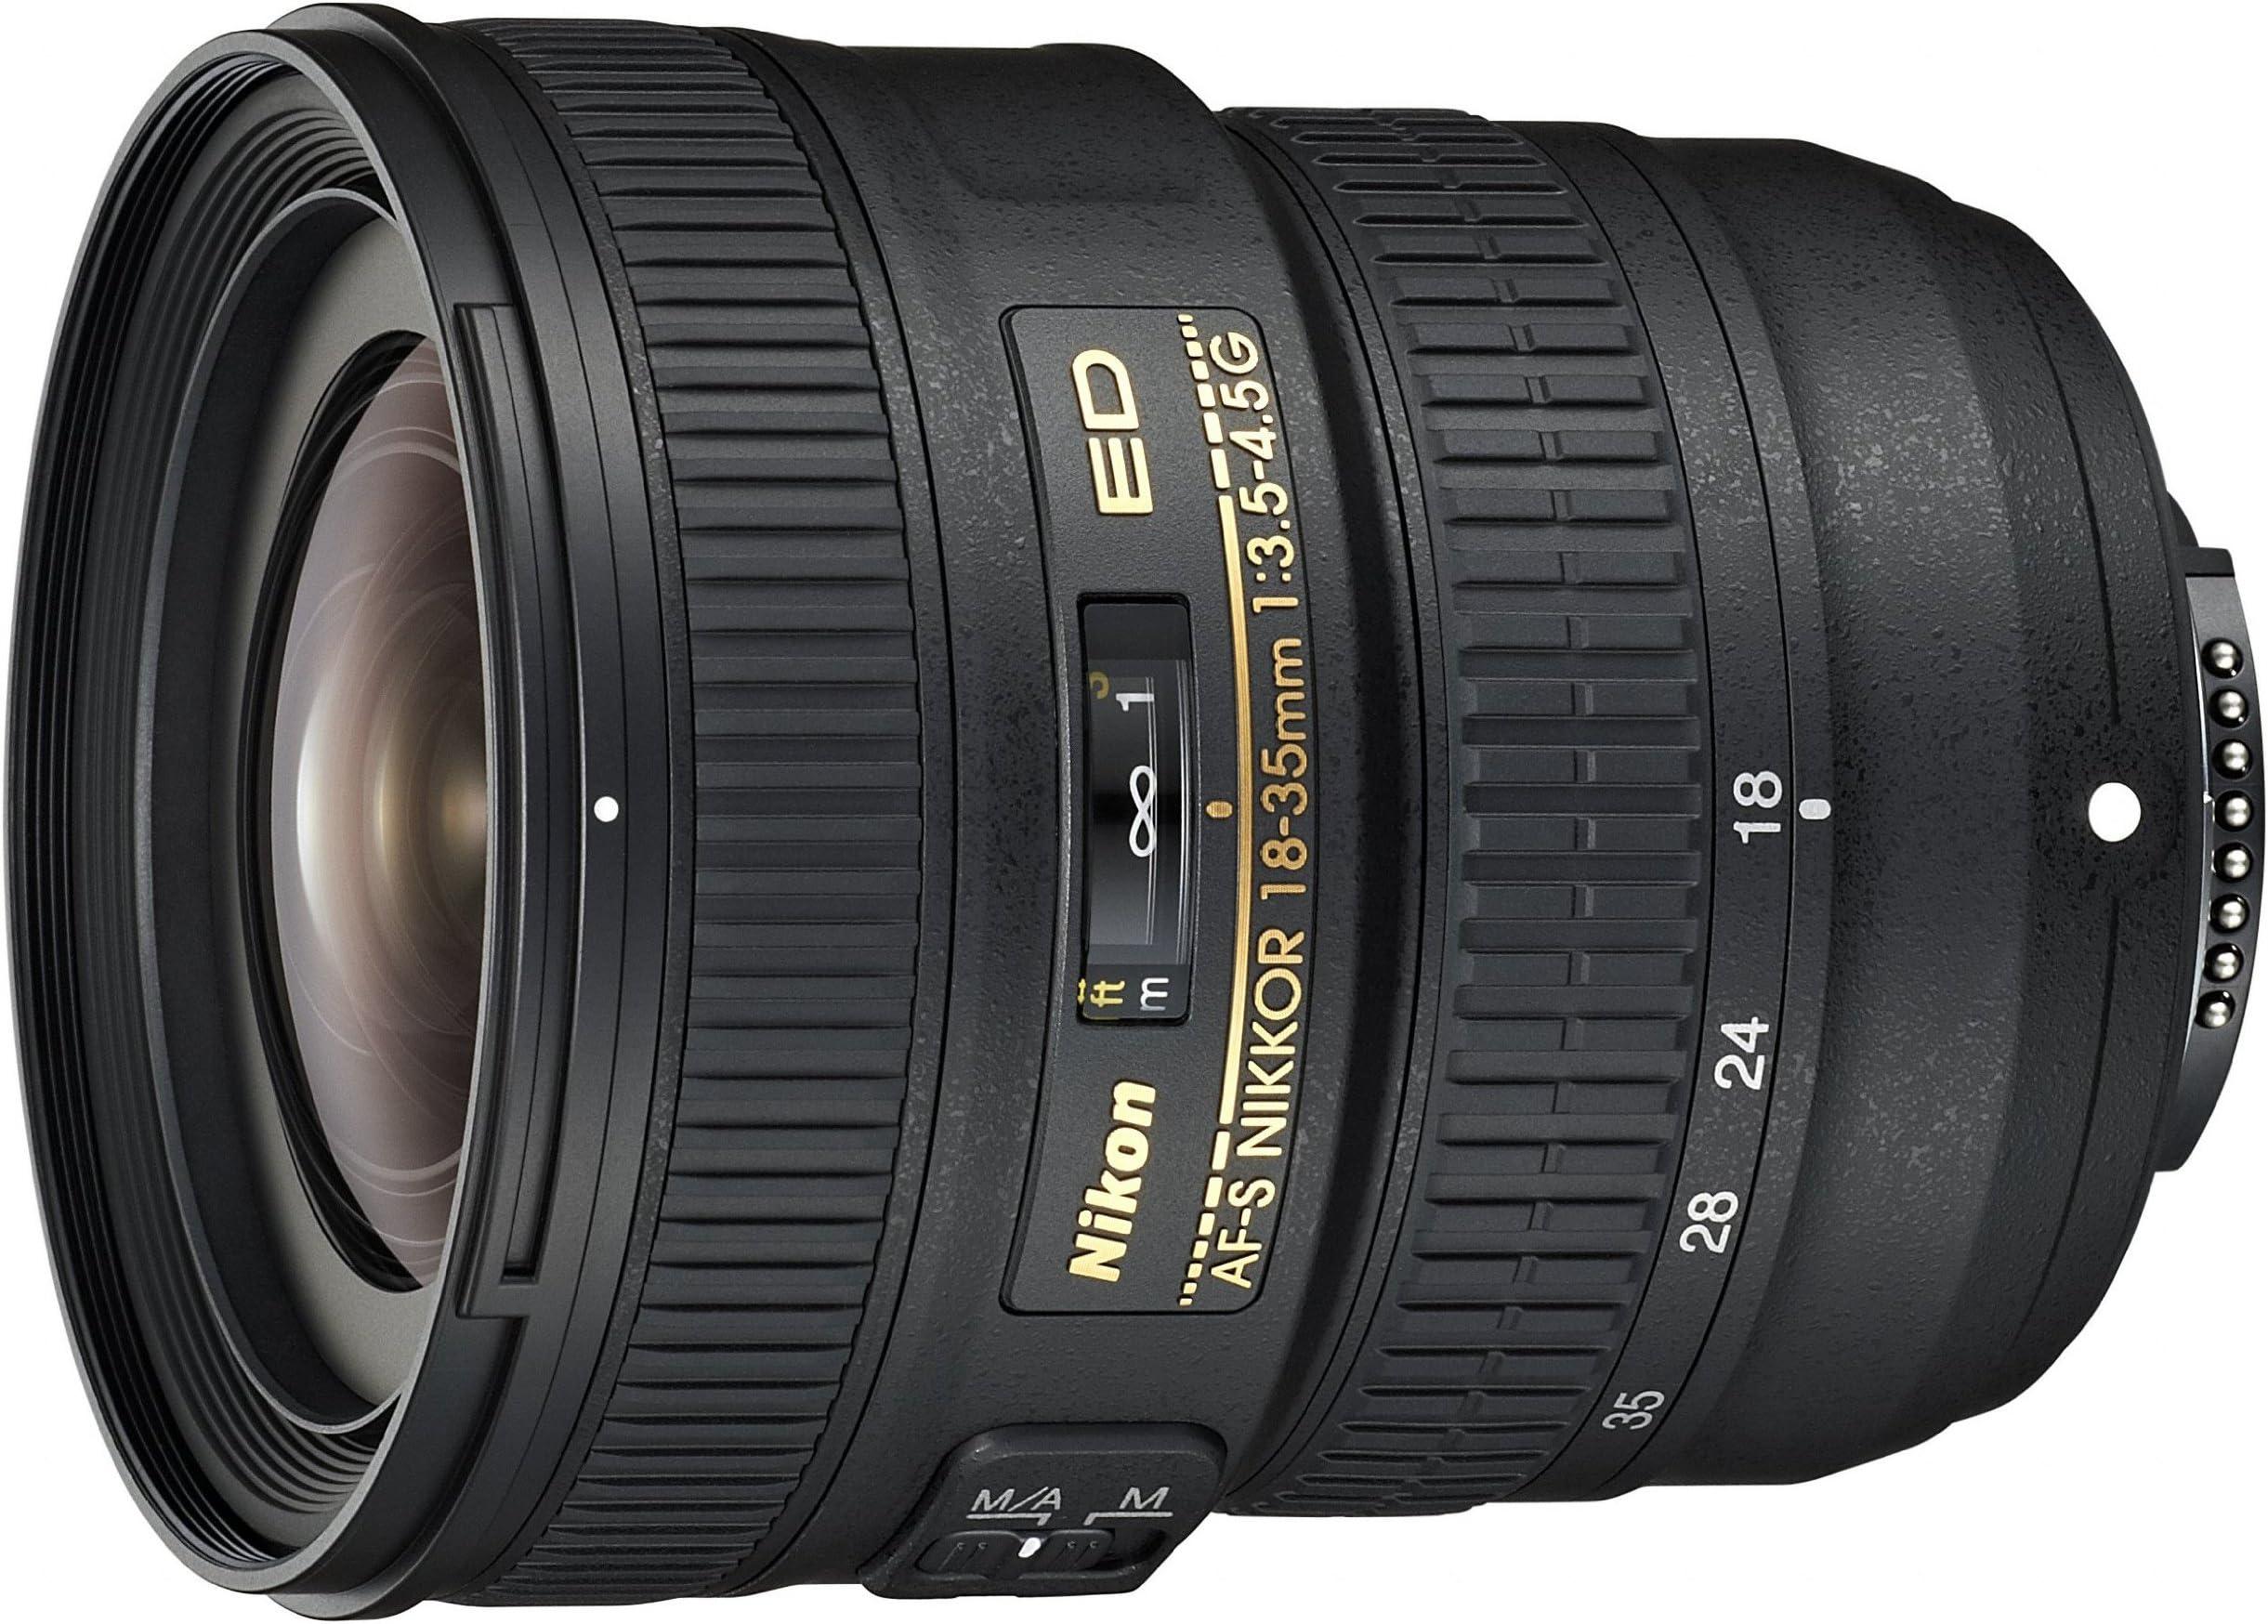 Nikon AF-S FX NIKKOR 18-35mm f/3.5-4.5G ED Zoom Lens with Auto Focus for Nikon DSLR Cameras